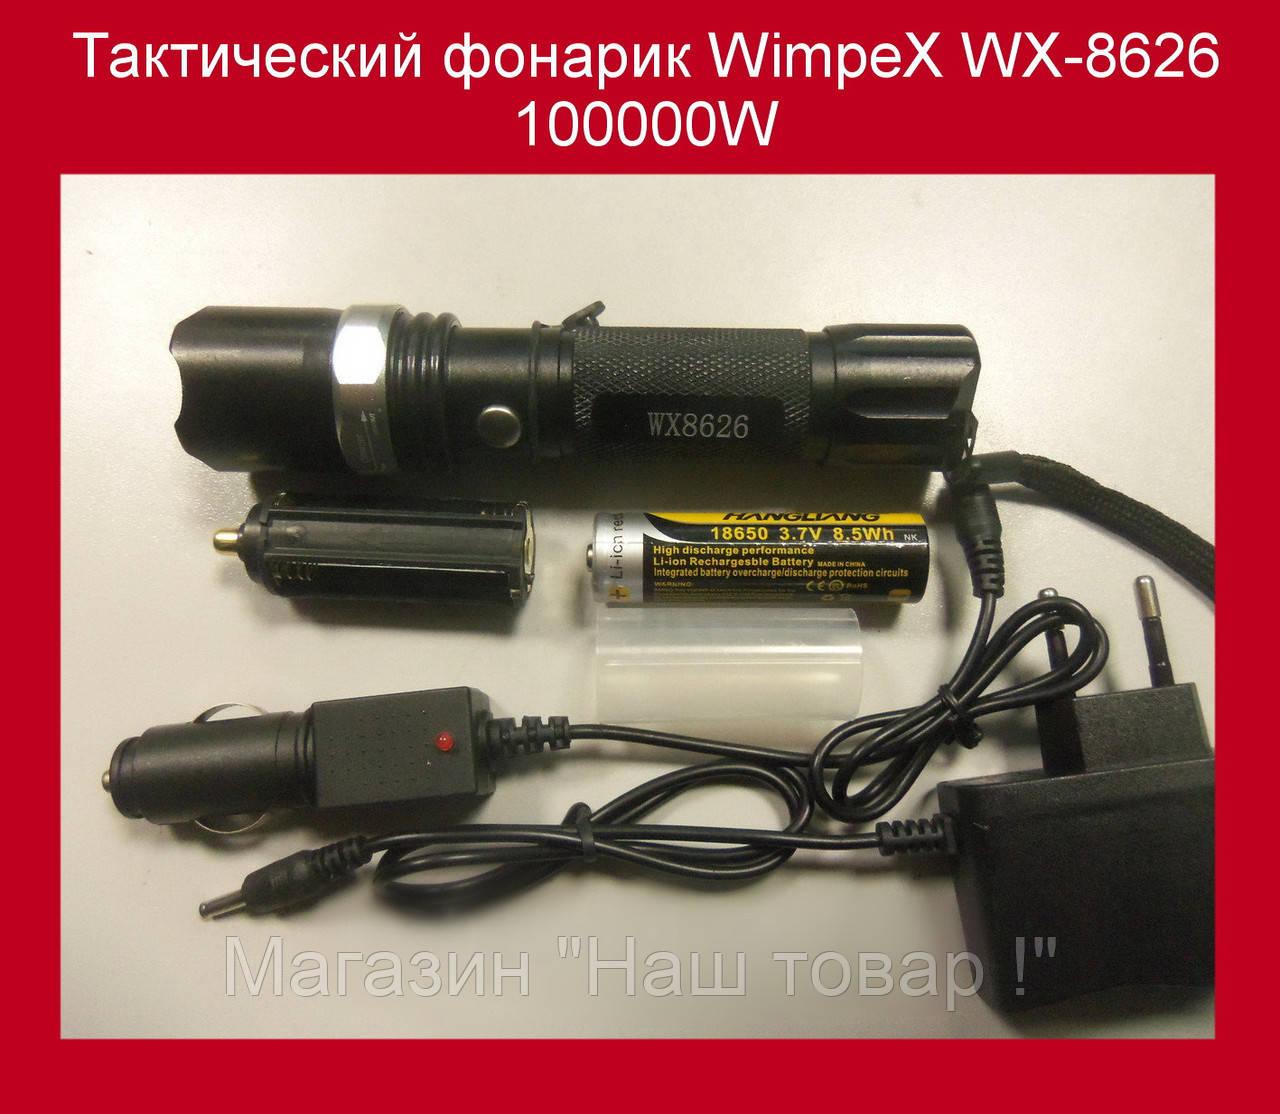 Тактический фонарик WimpeX WX-8626 100000W!Акция